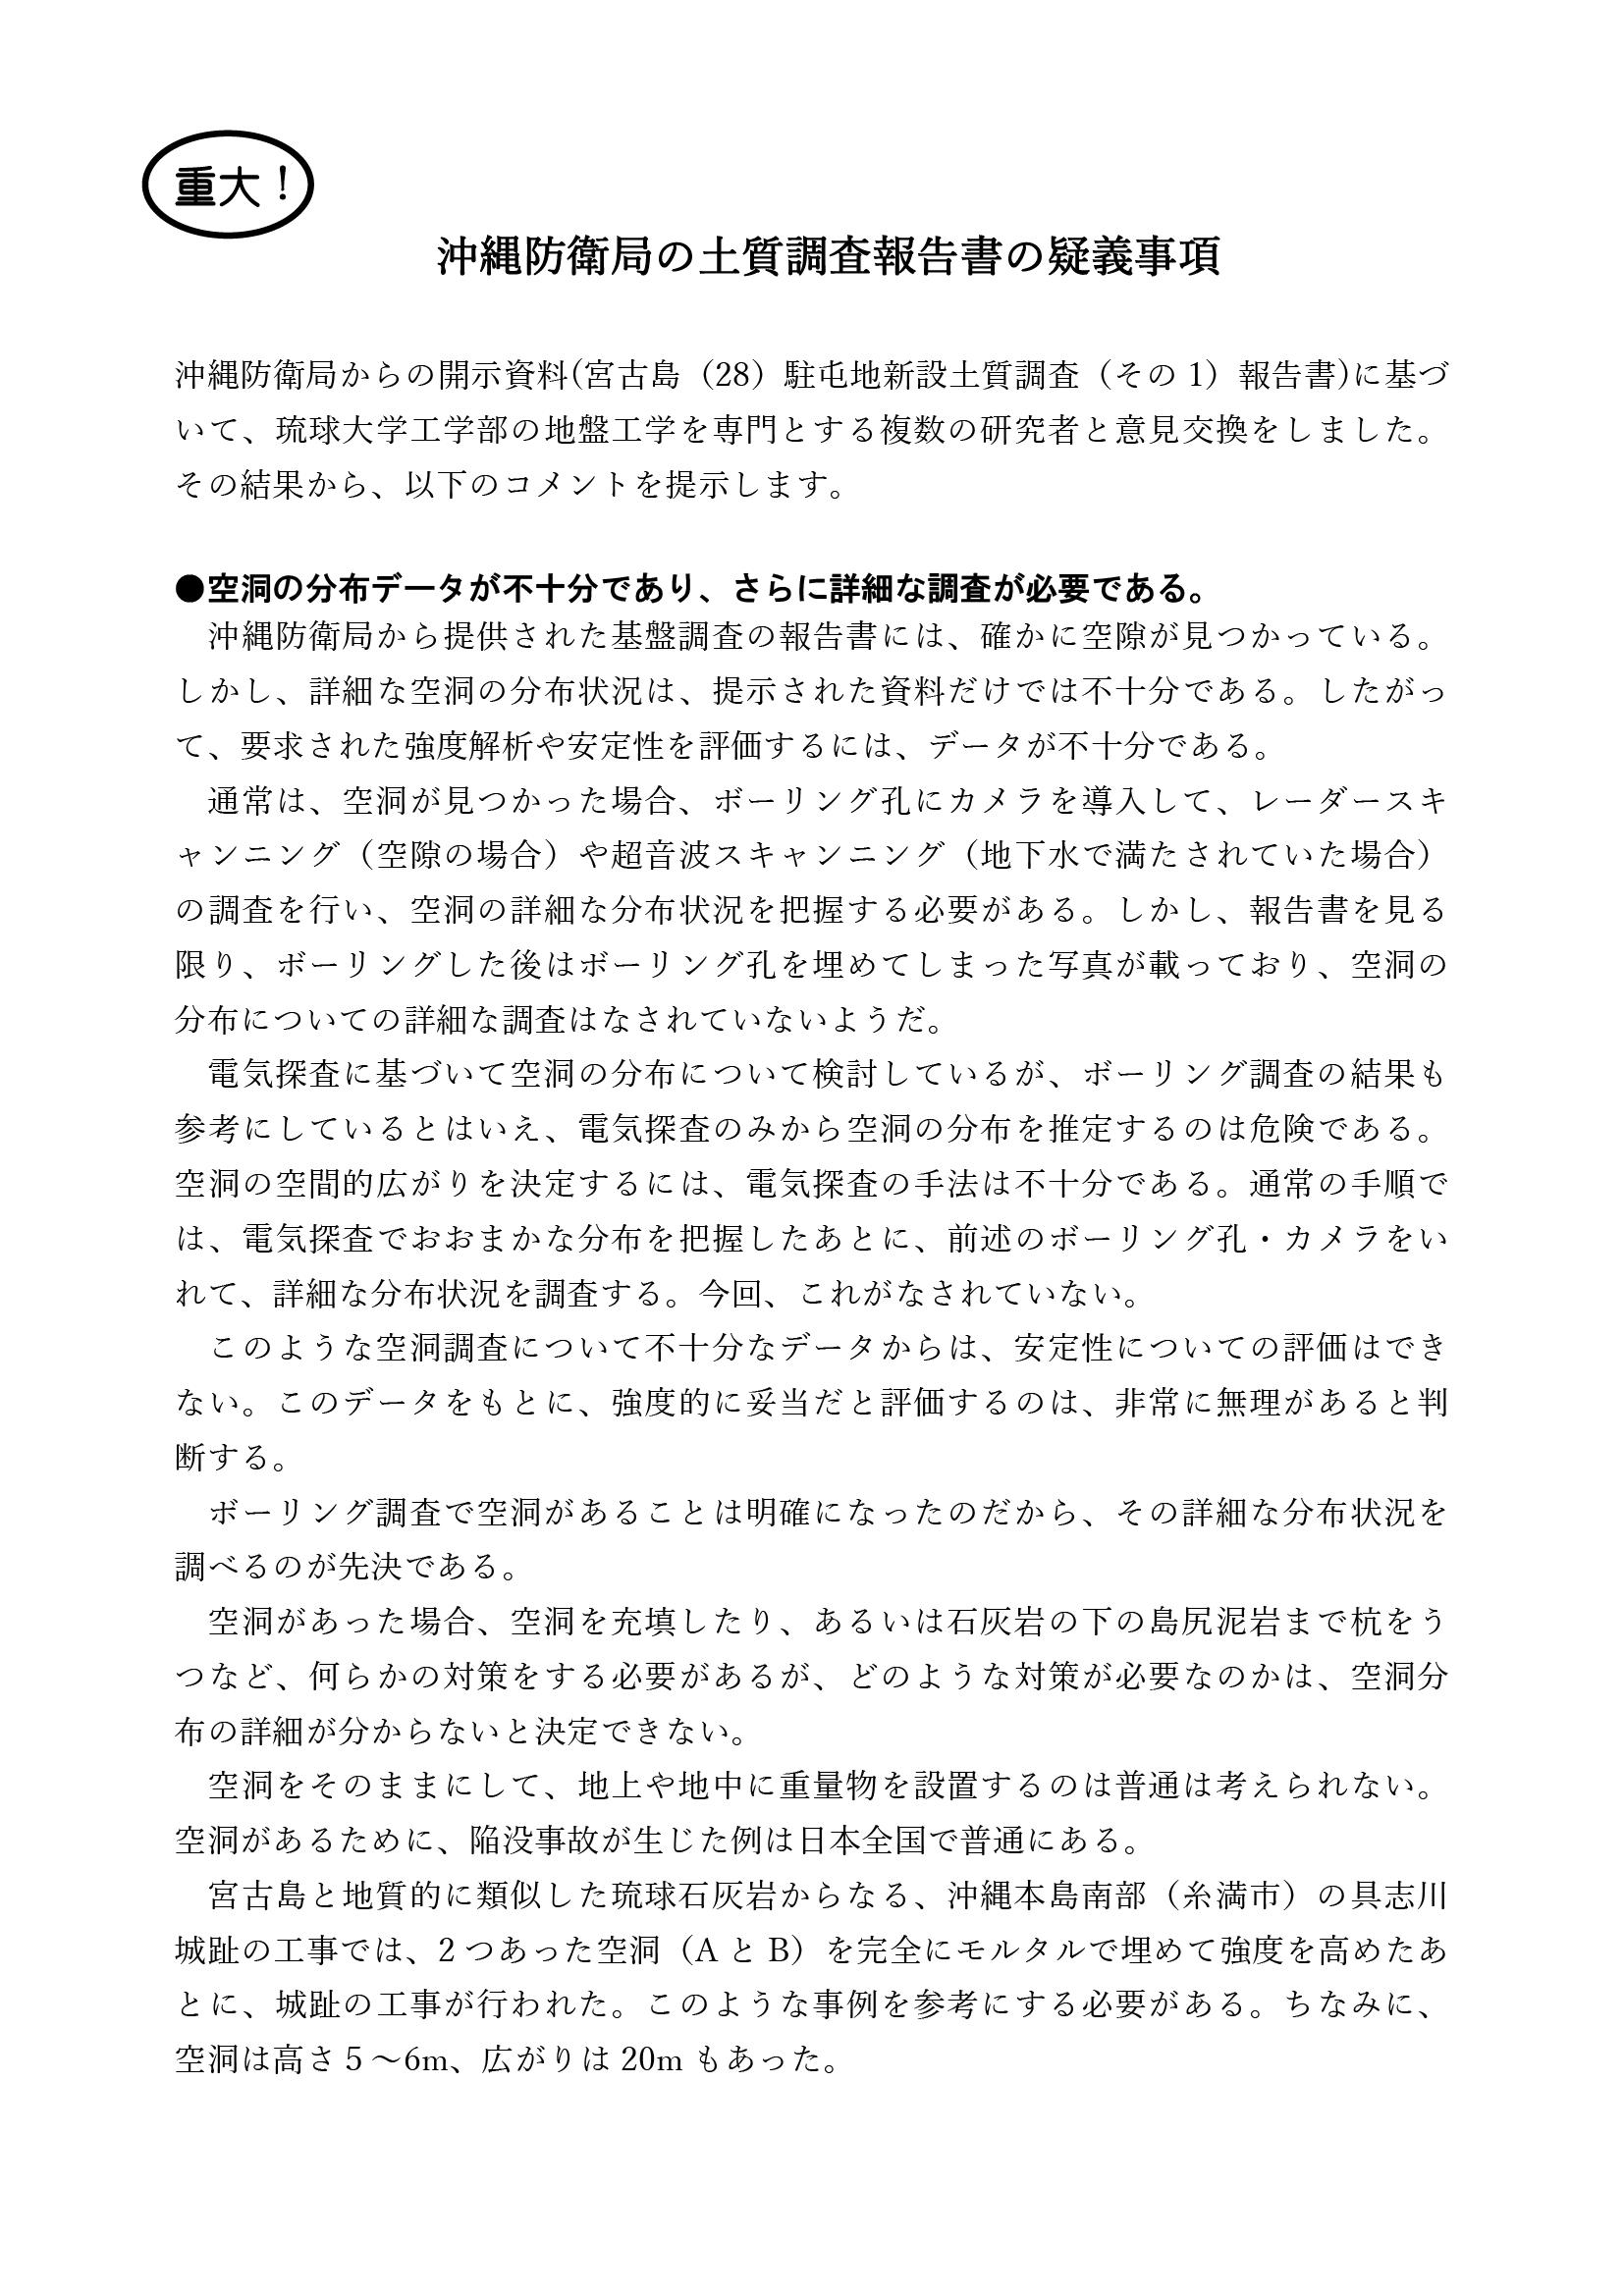 防衛局の土質調査報告書の疑義事項0001